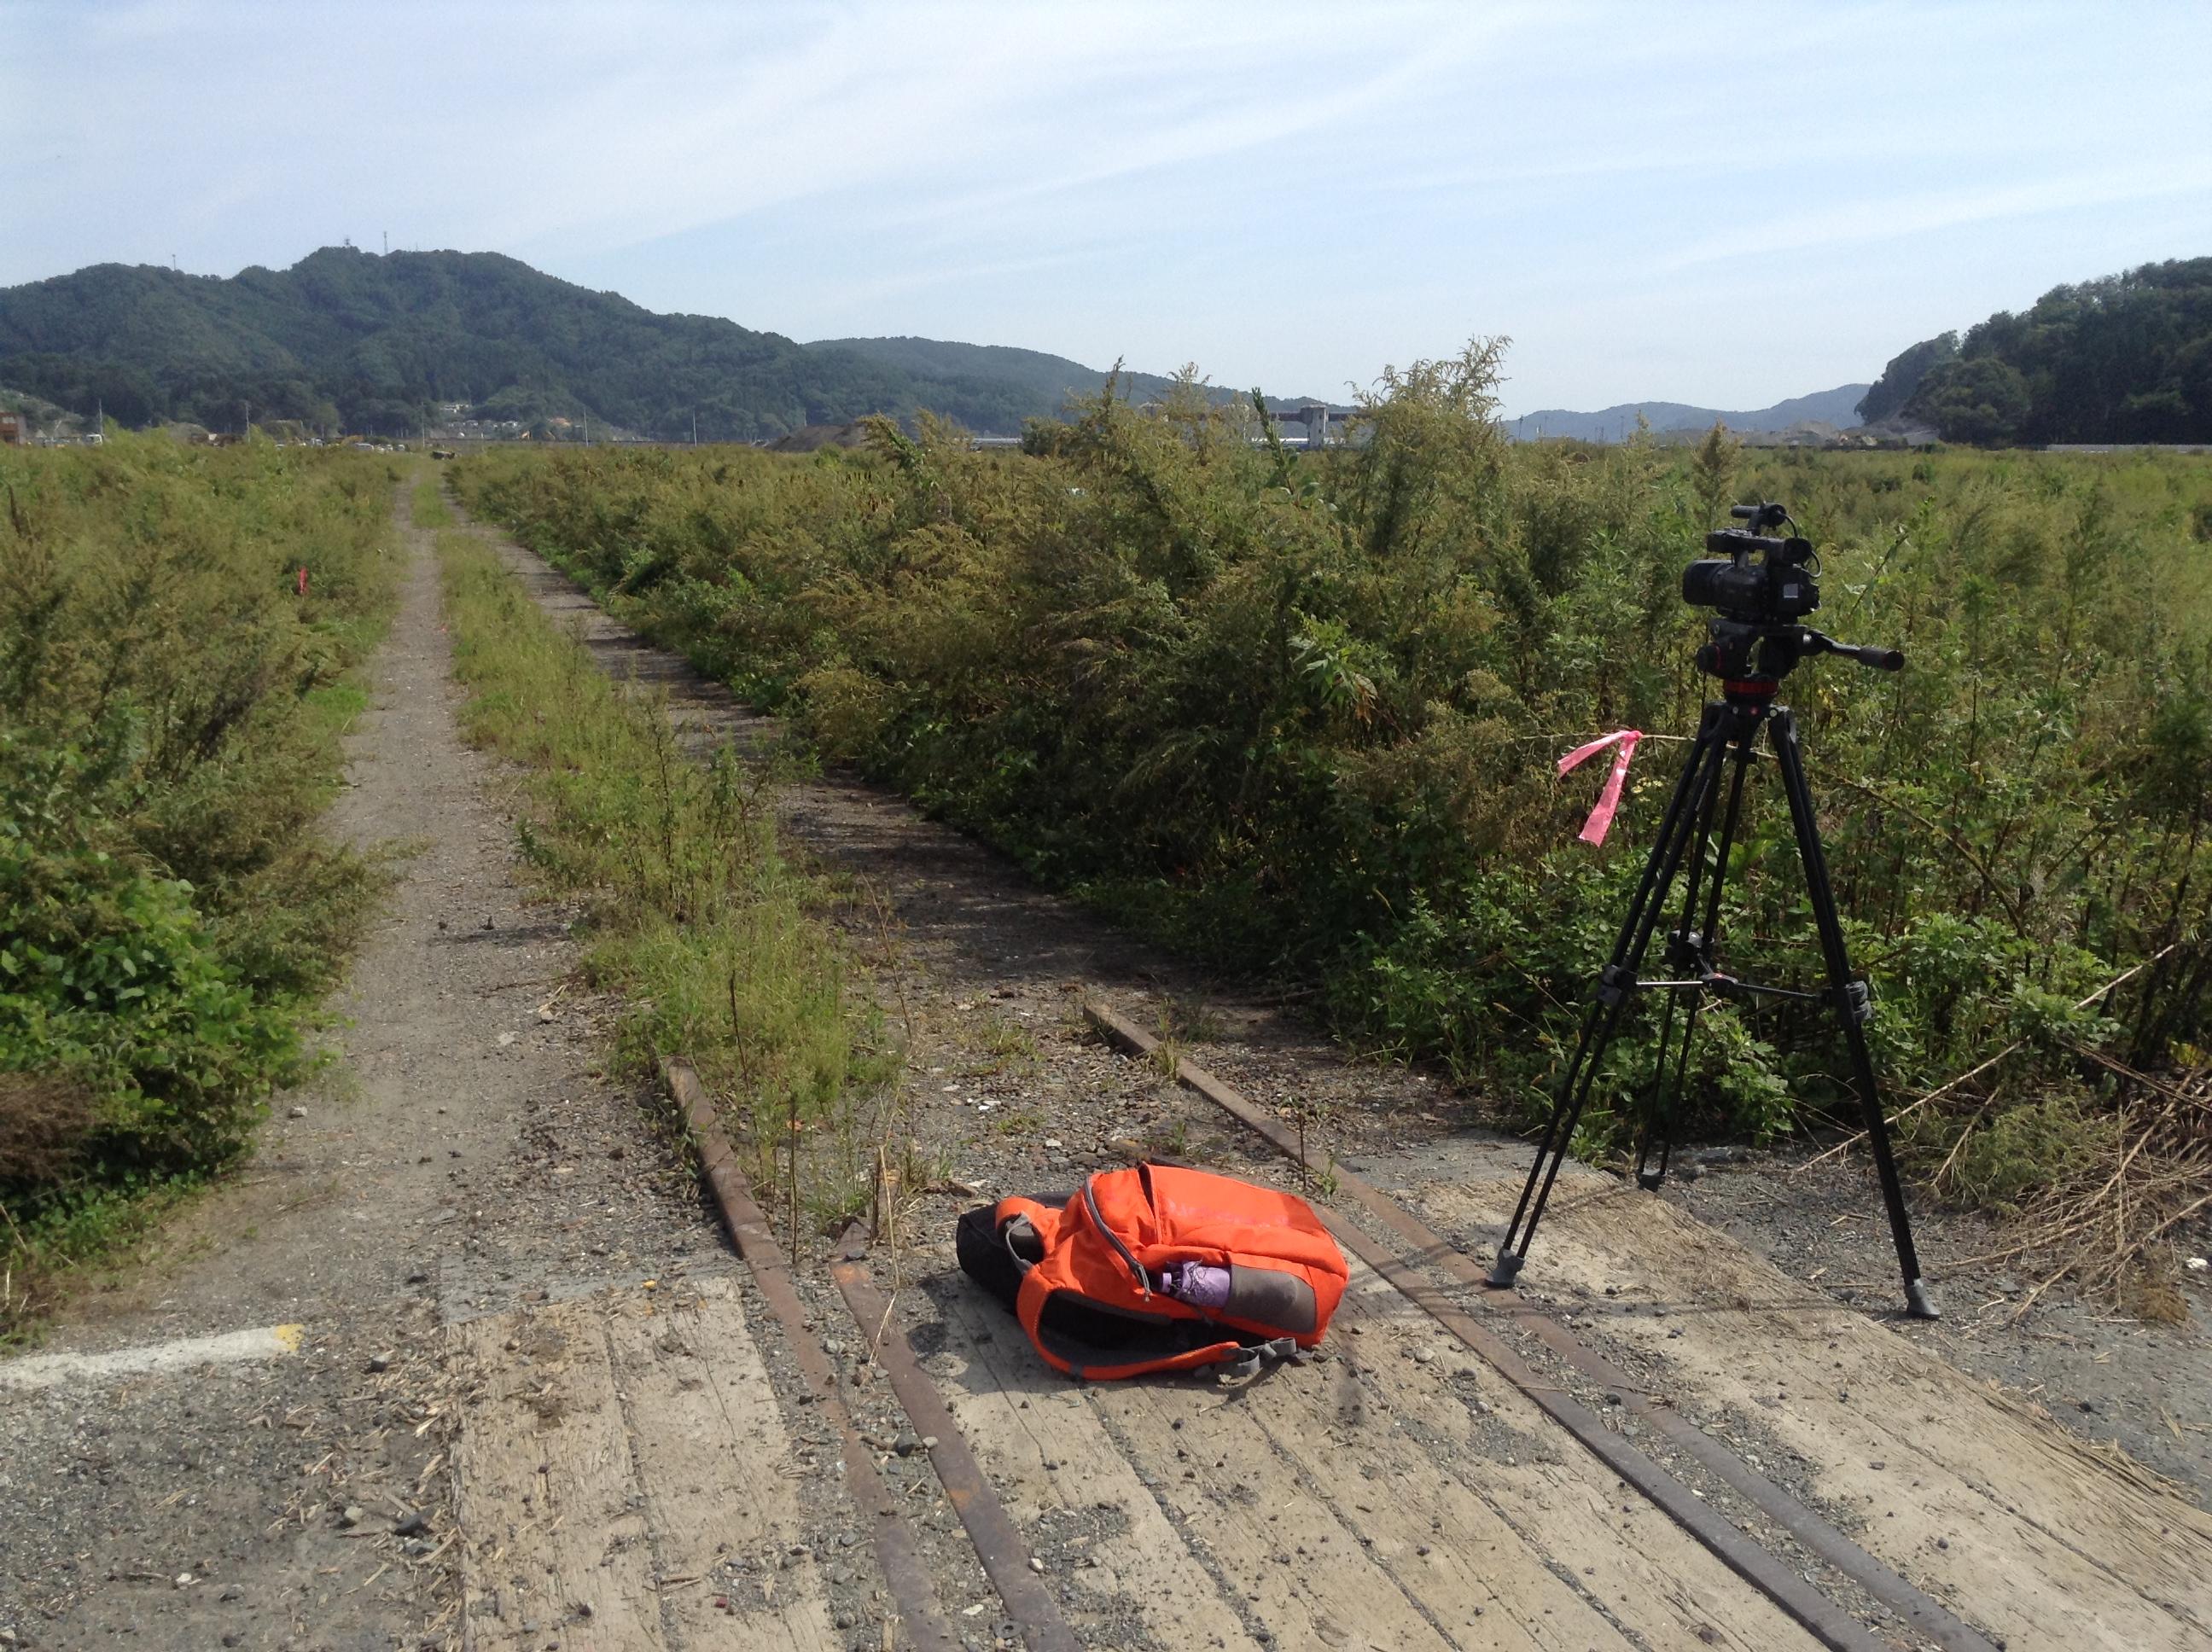 otsuchi filming the town overgrown weeds 2016.JPG